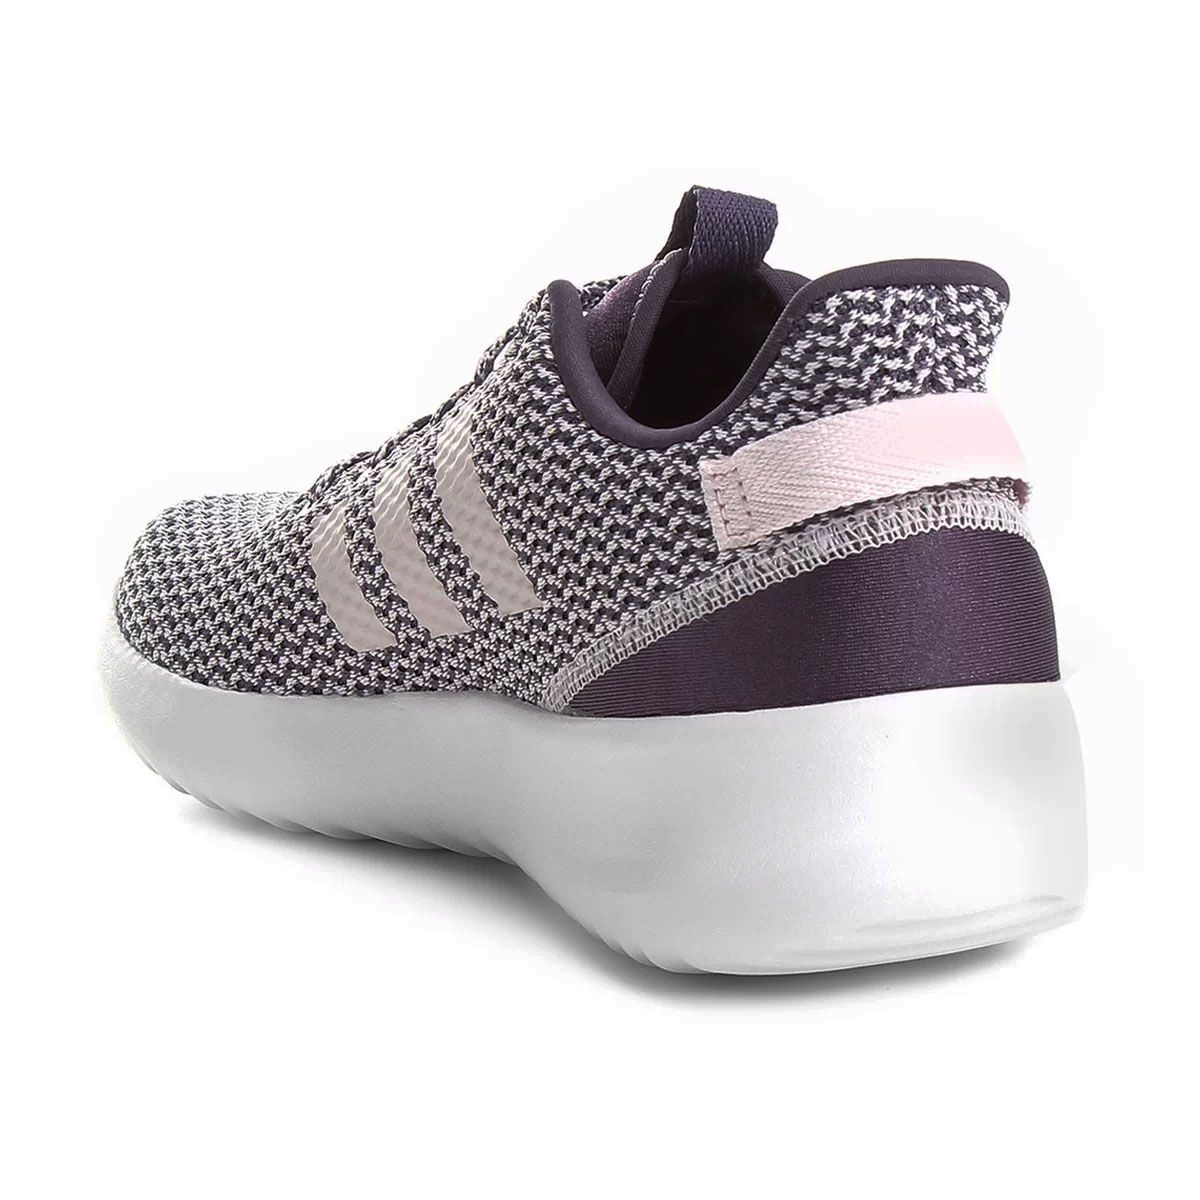 Tênis Adidas Cf Racer Tr Feminino